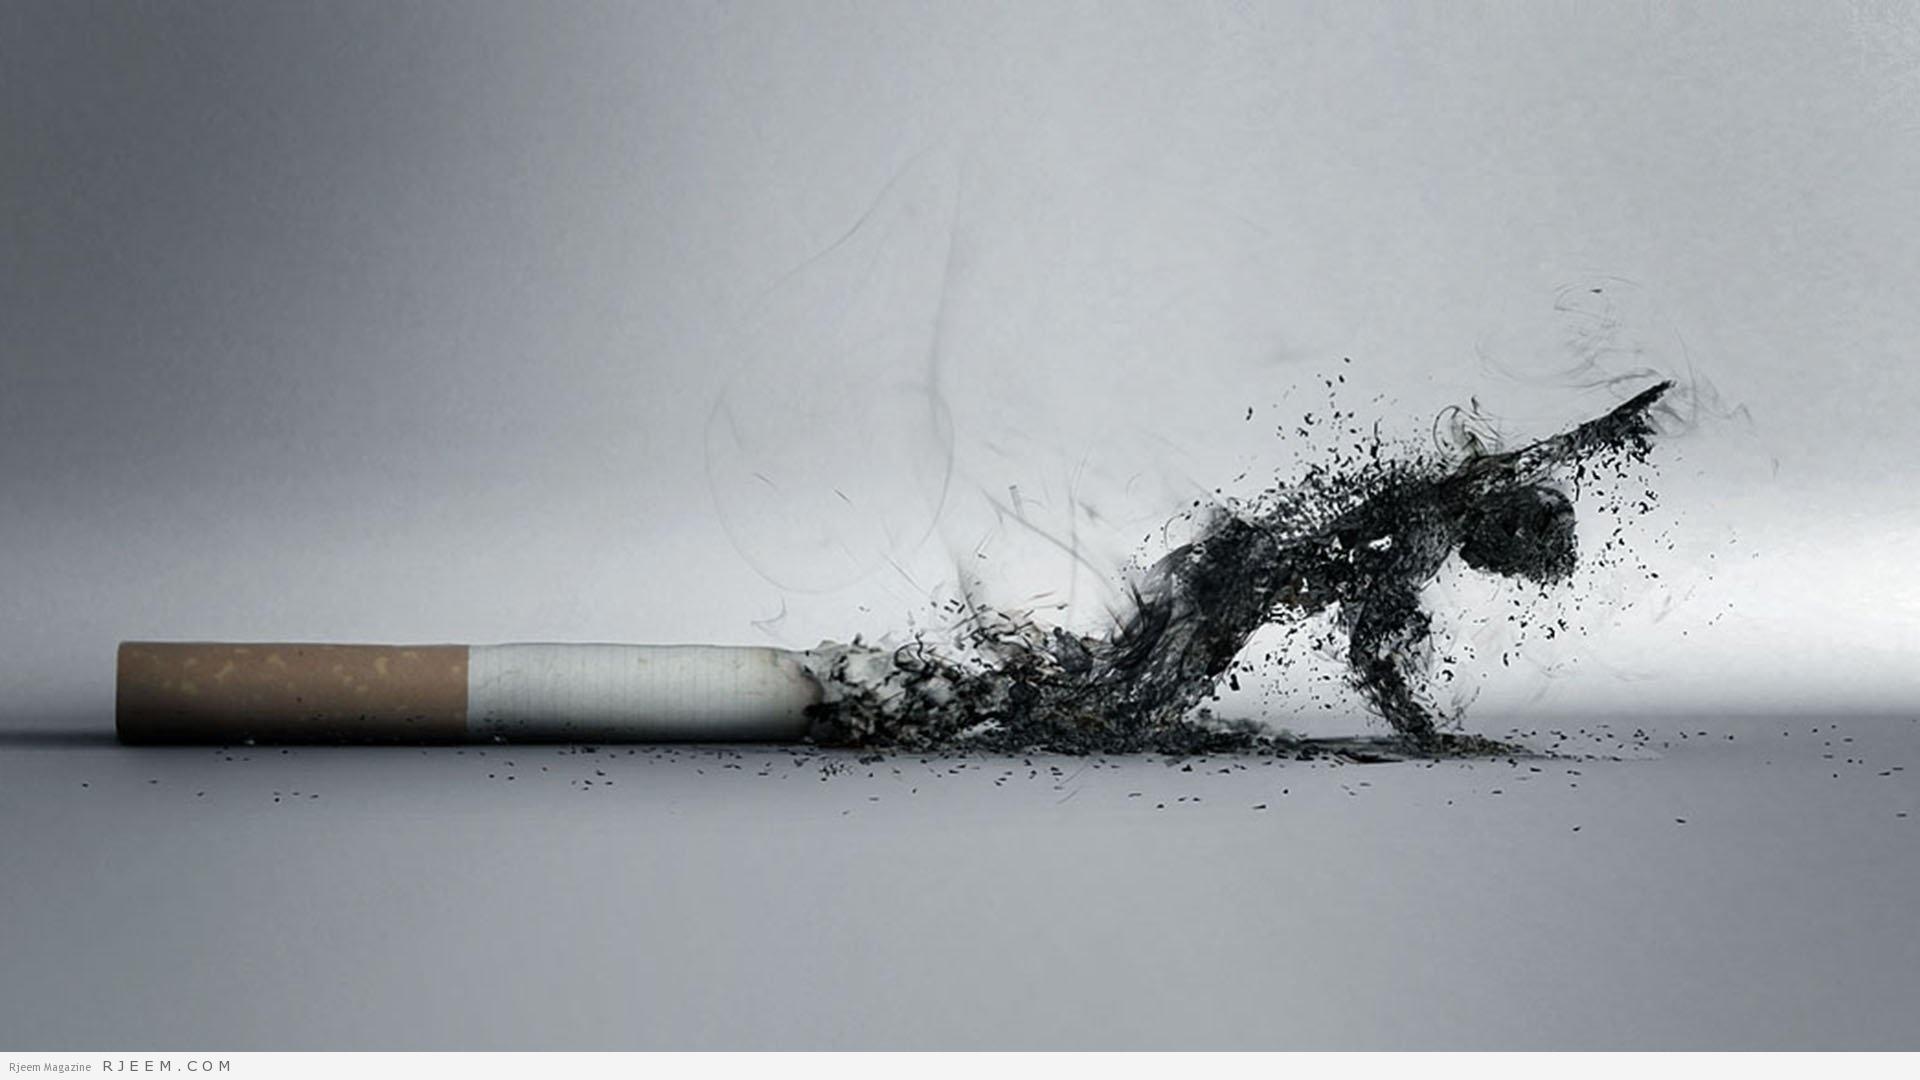 quitsmokingcommunity.orgsmoke smoke acd2ef55a60def87751b6a3bf5b3431ddc9fe326